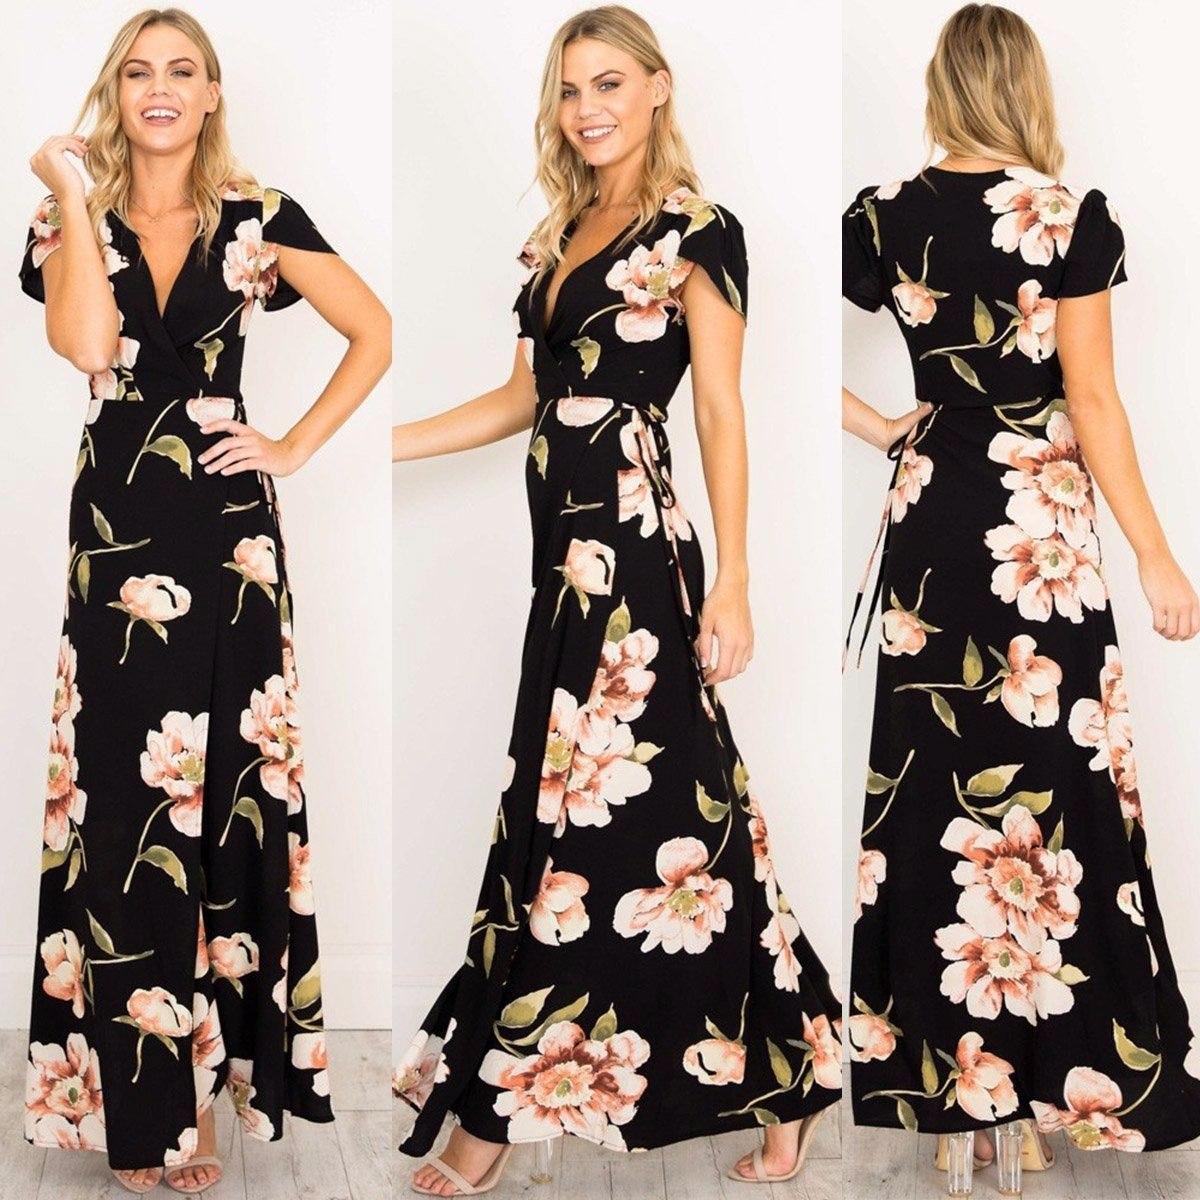 nueva colección precio justo originales Liquido Vestido Largo De Fiesta O Casual Floreado